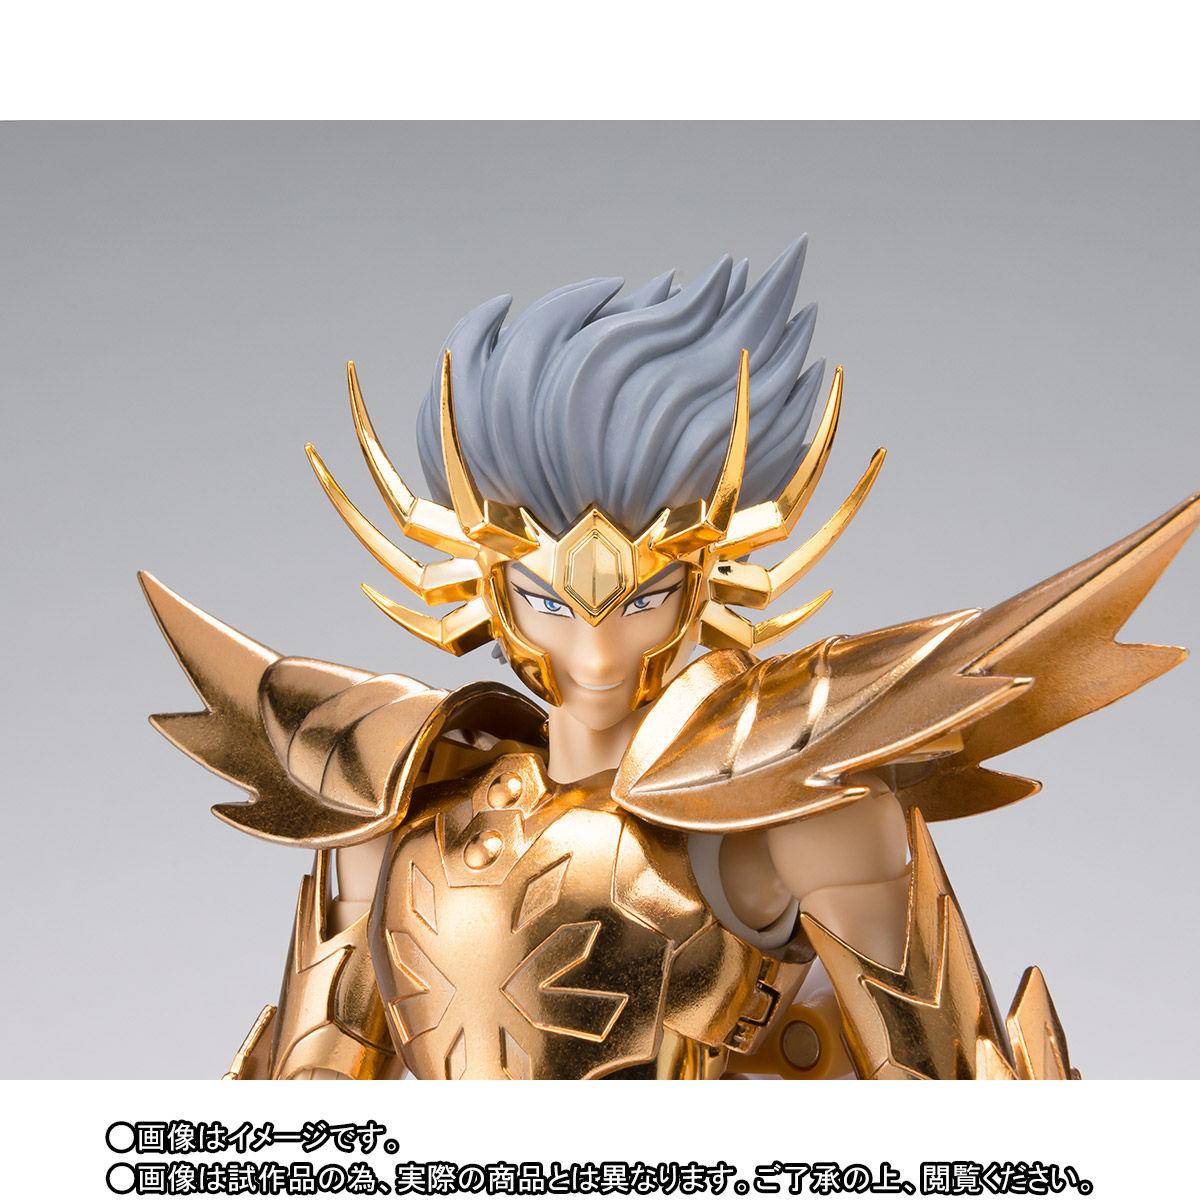 【限定販売】聖闘士聖衣神話EX『キャンサー デスマスク ~ORIGINAL COLOR EDITION~』可動フィギュア-004